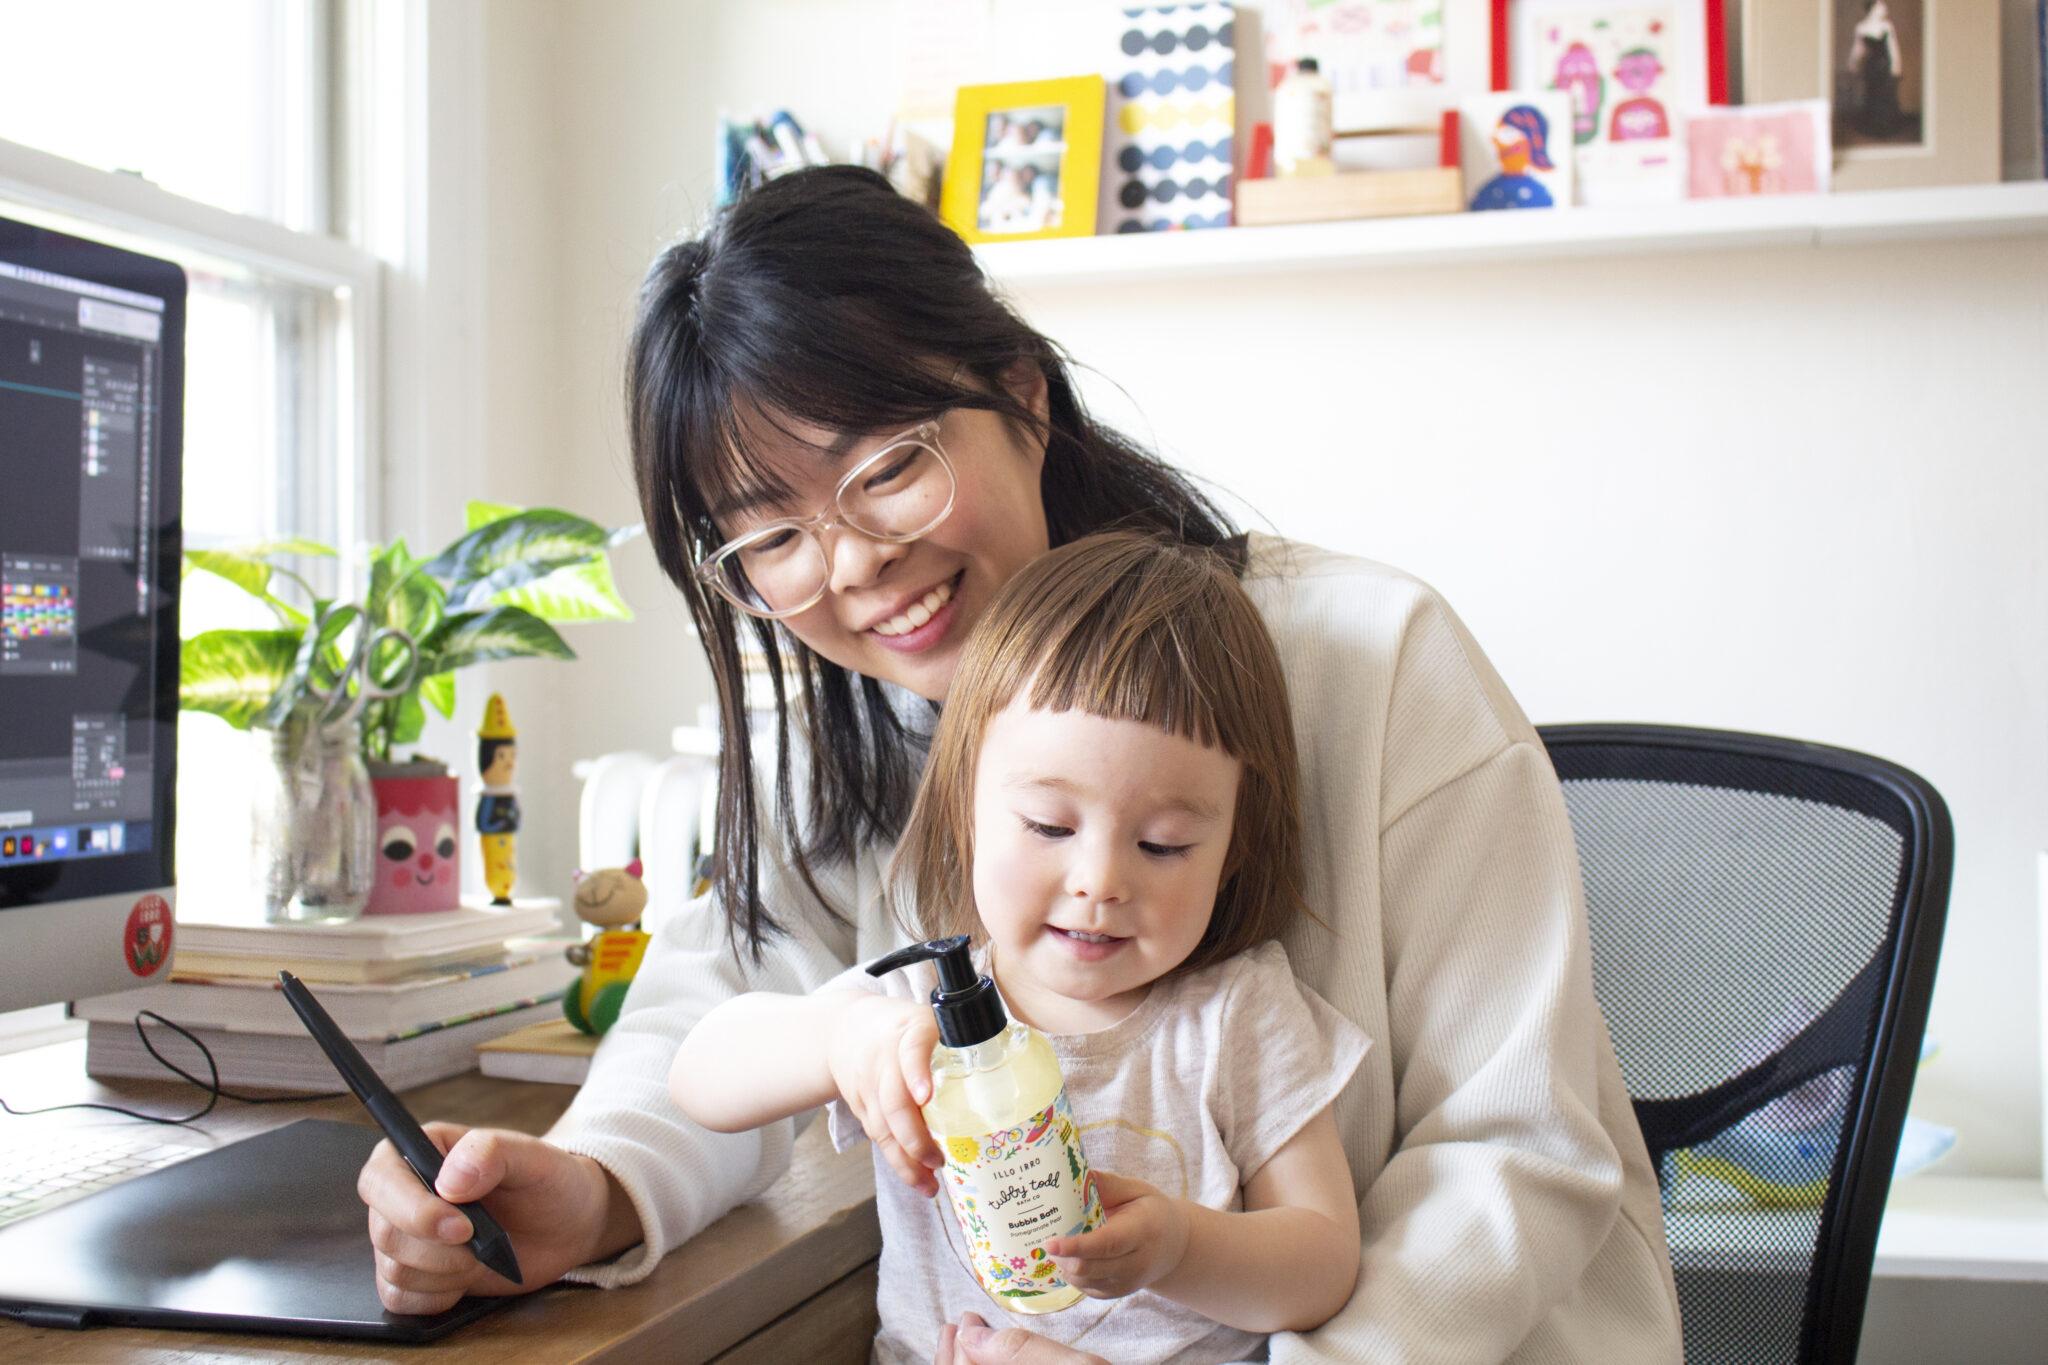 Asahi Nagata with her daughter